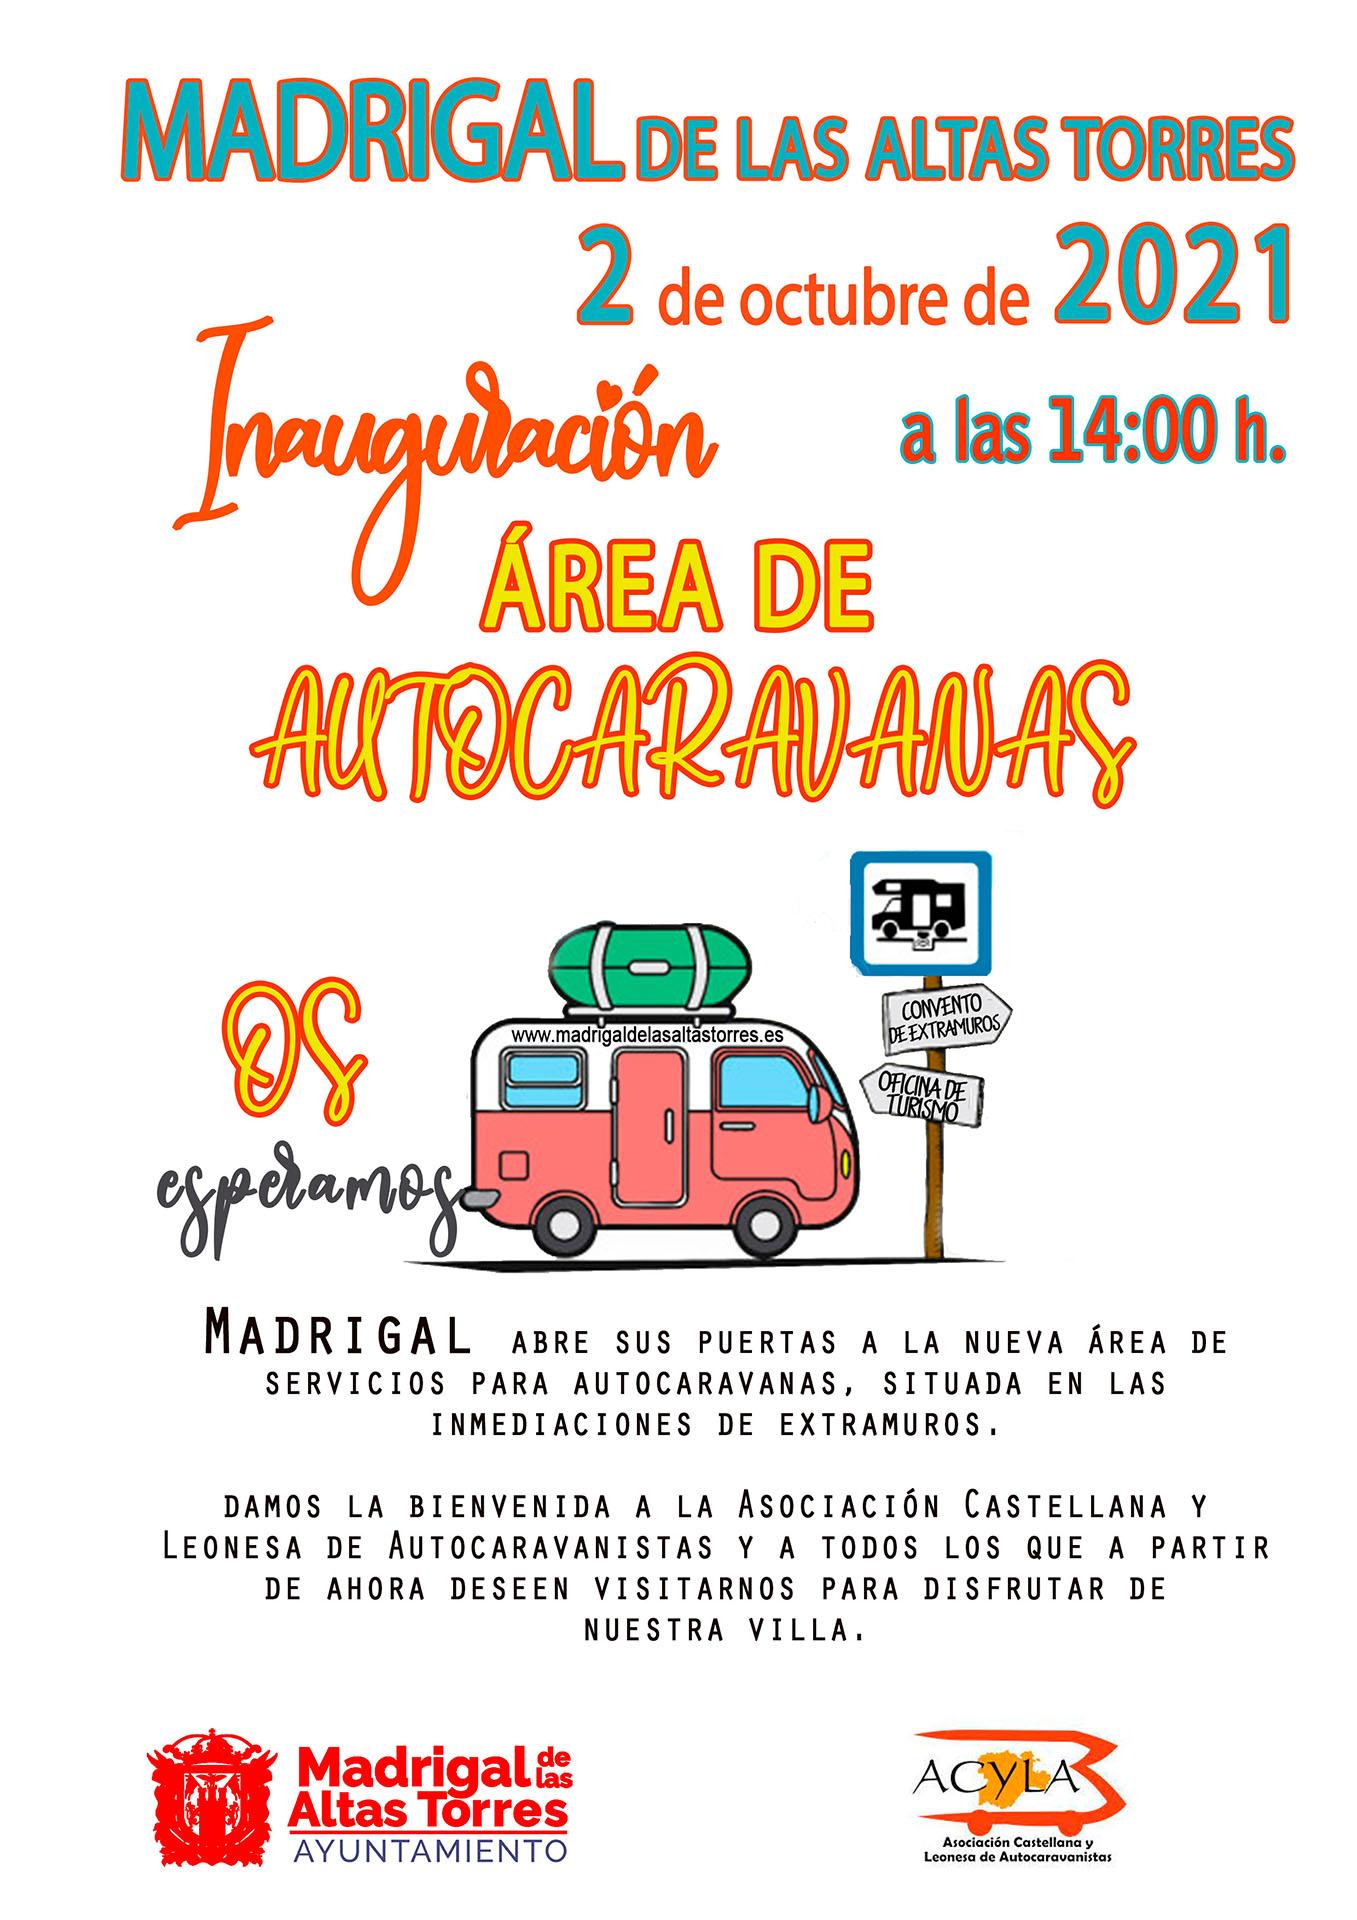 www.madrigaldelasaltastorres.es